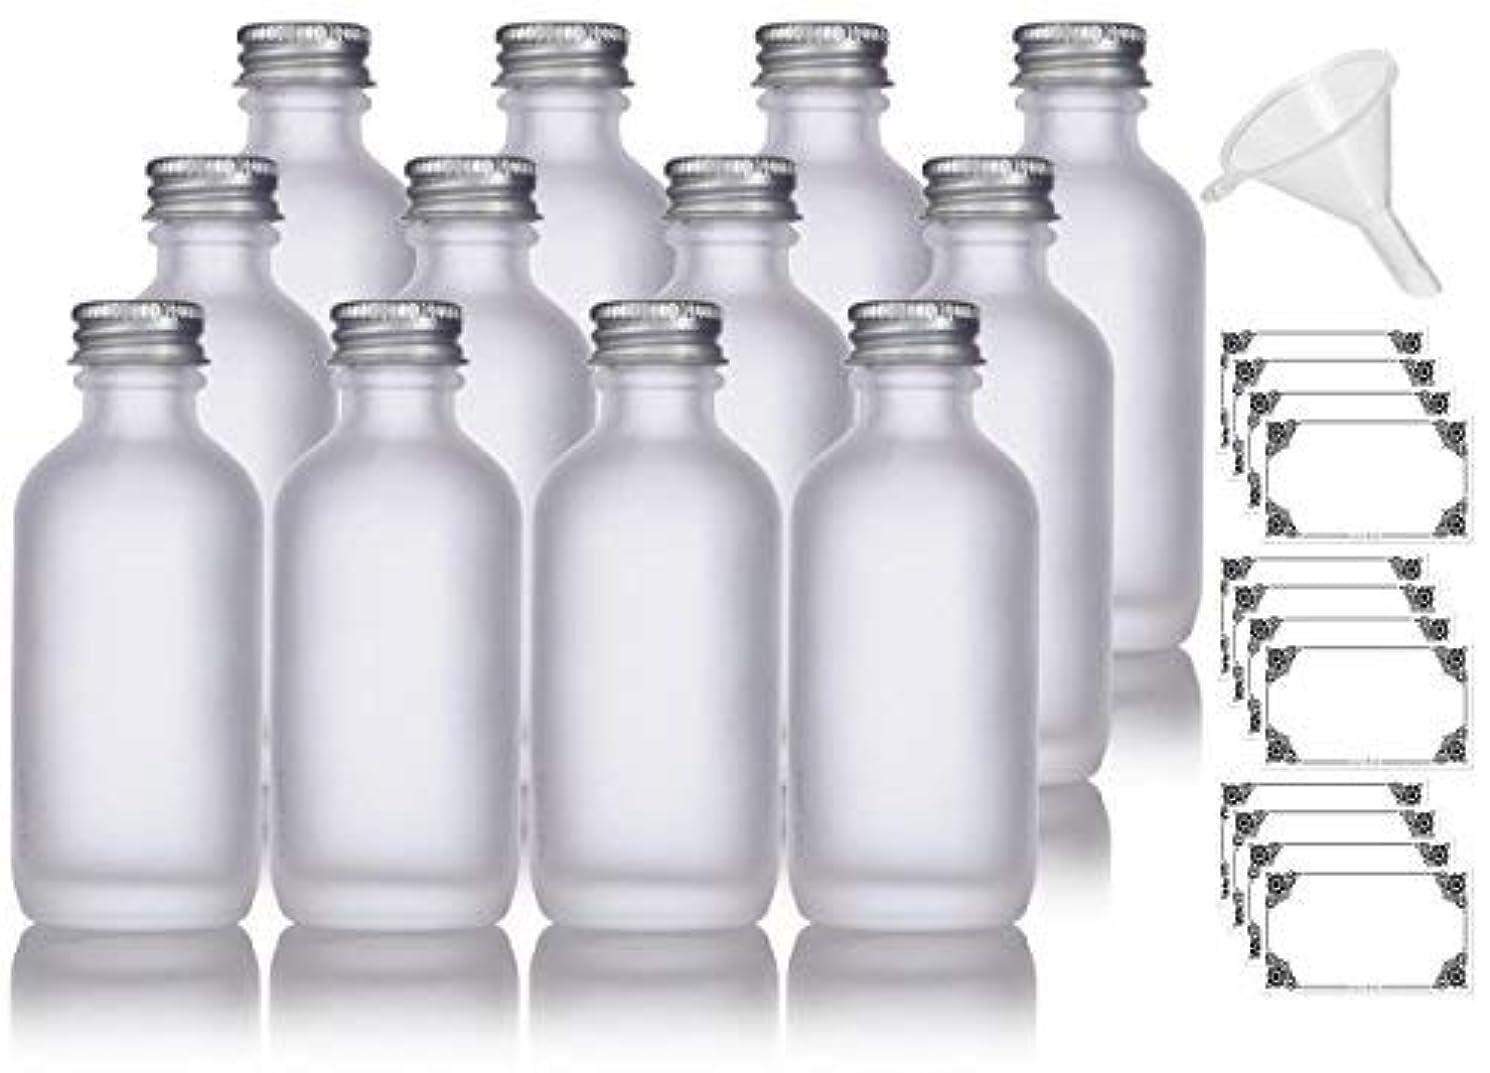 インフルエンザ損傷速度2 oz Frosted Clear Glass Boston Round Silver Screw On Cap Bottle (12 pack) + Funnel and Labels for cosmetics,...